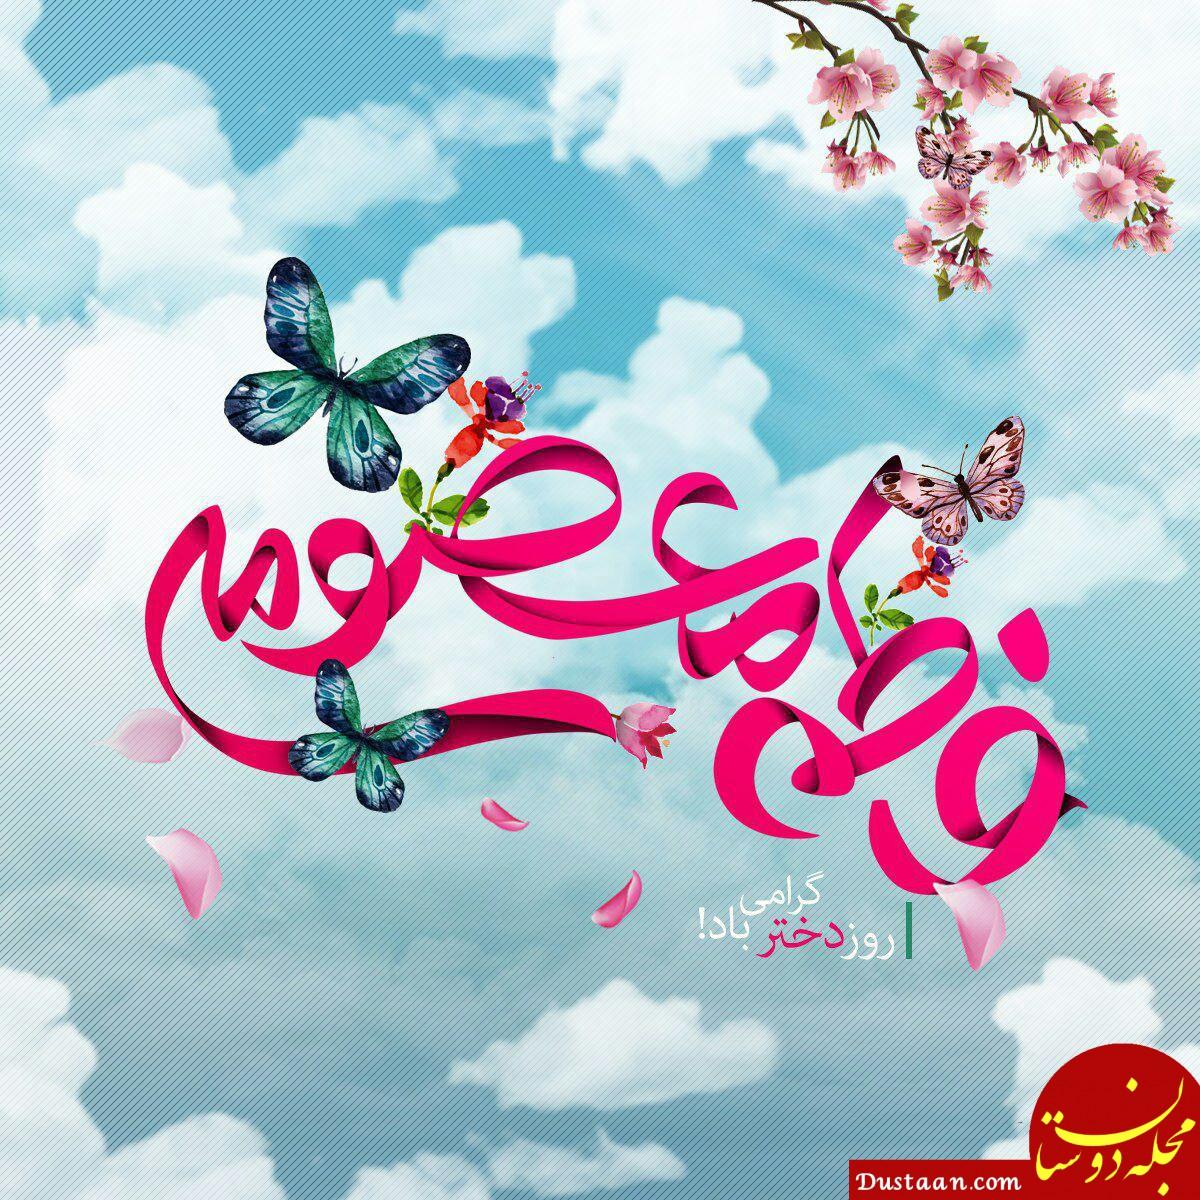 میلاد حضرت معصومه (ص) و روز دختر مبارک باد